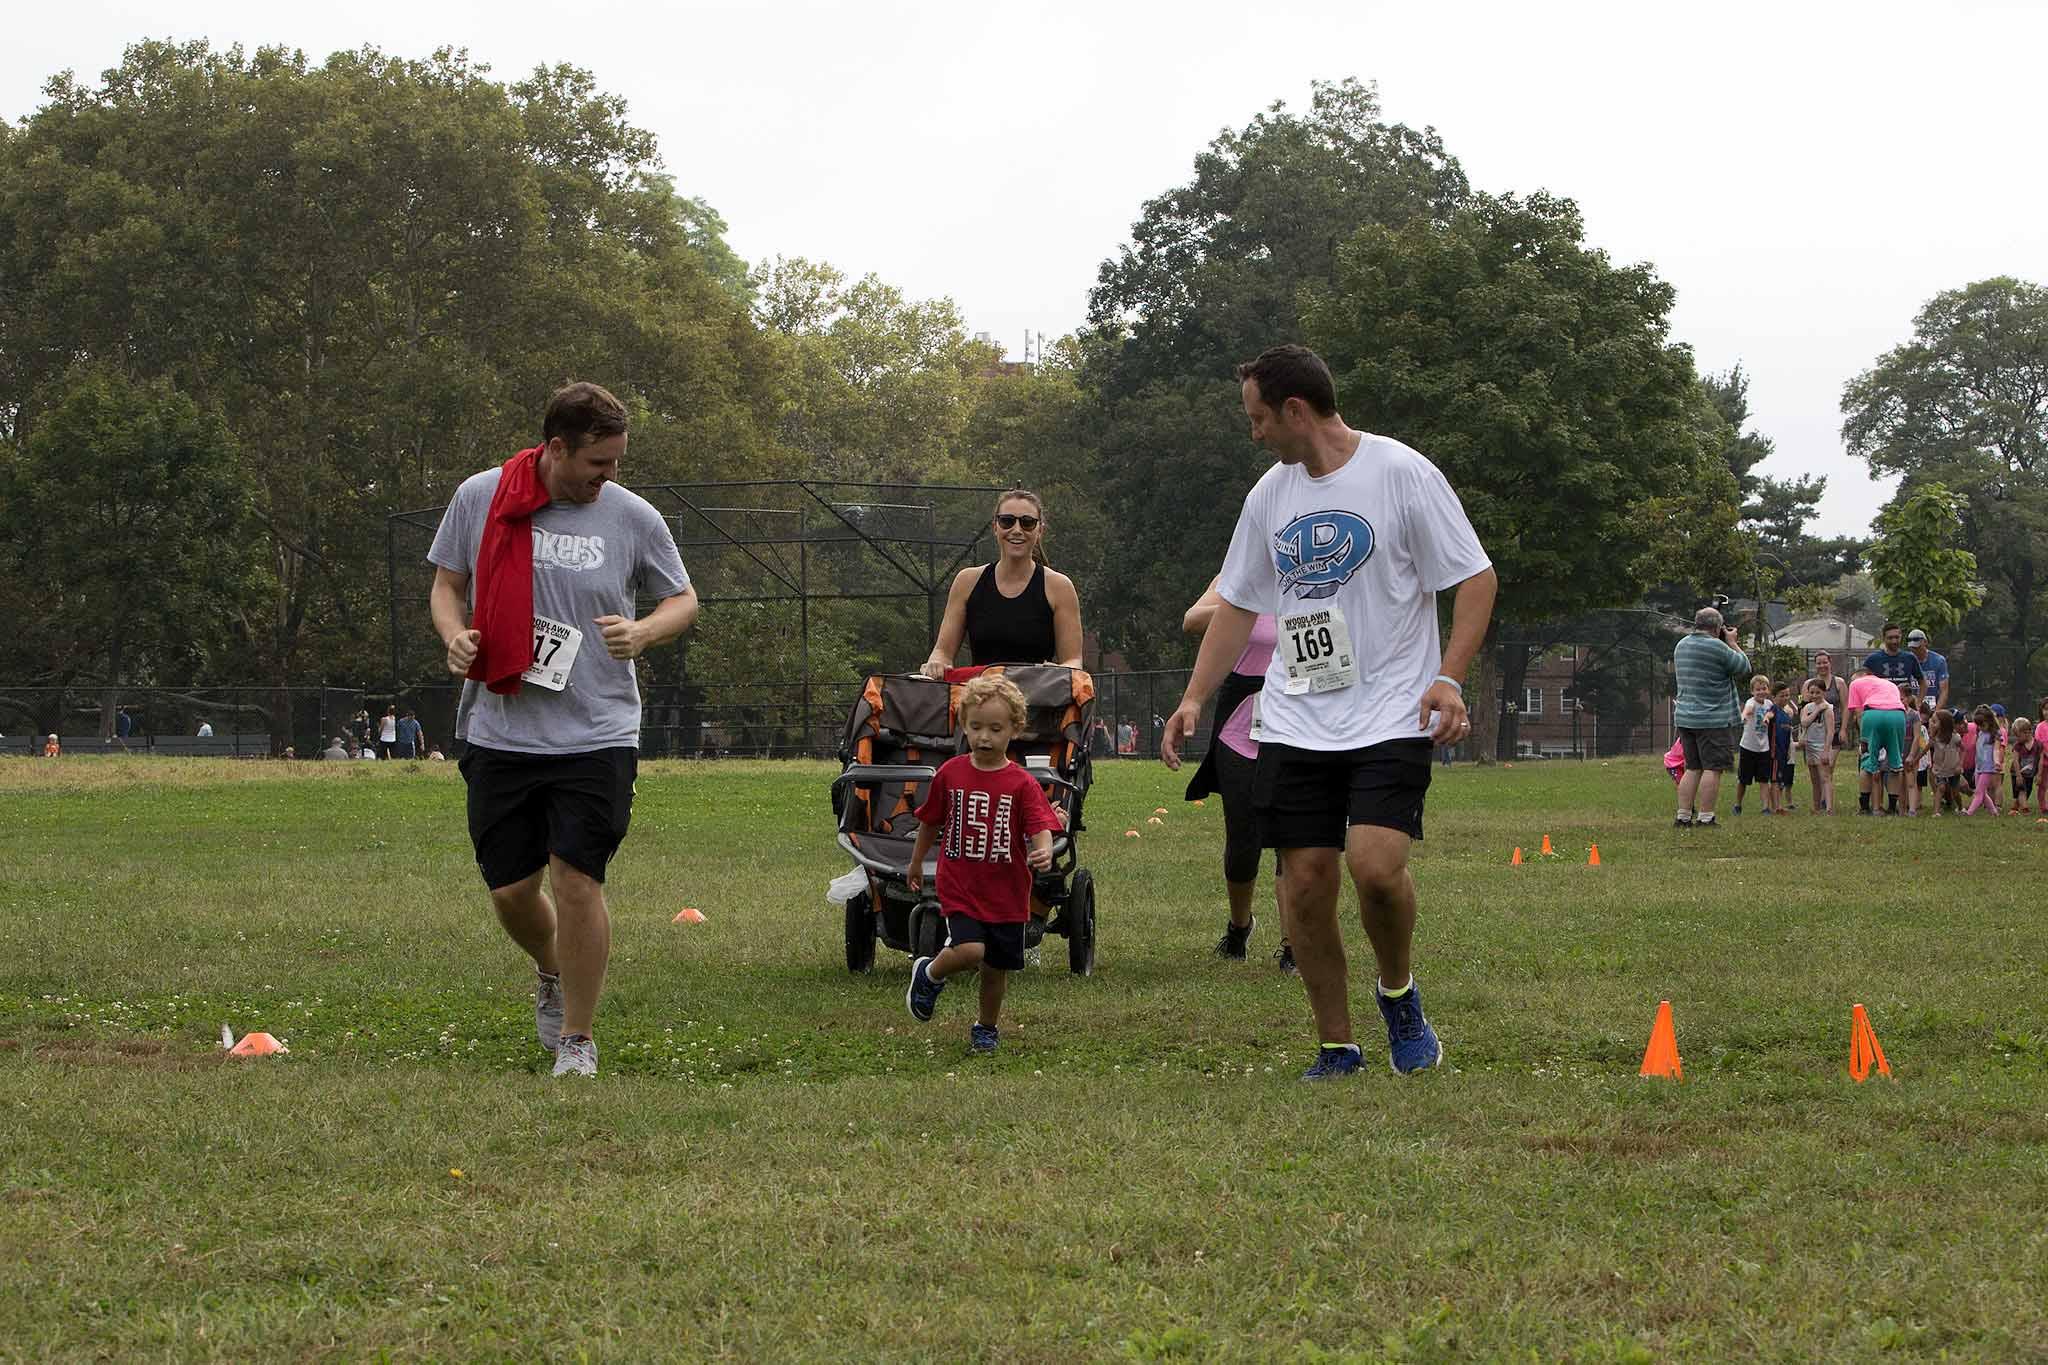 187-Woodlawn Run for a Cause-545.jpg